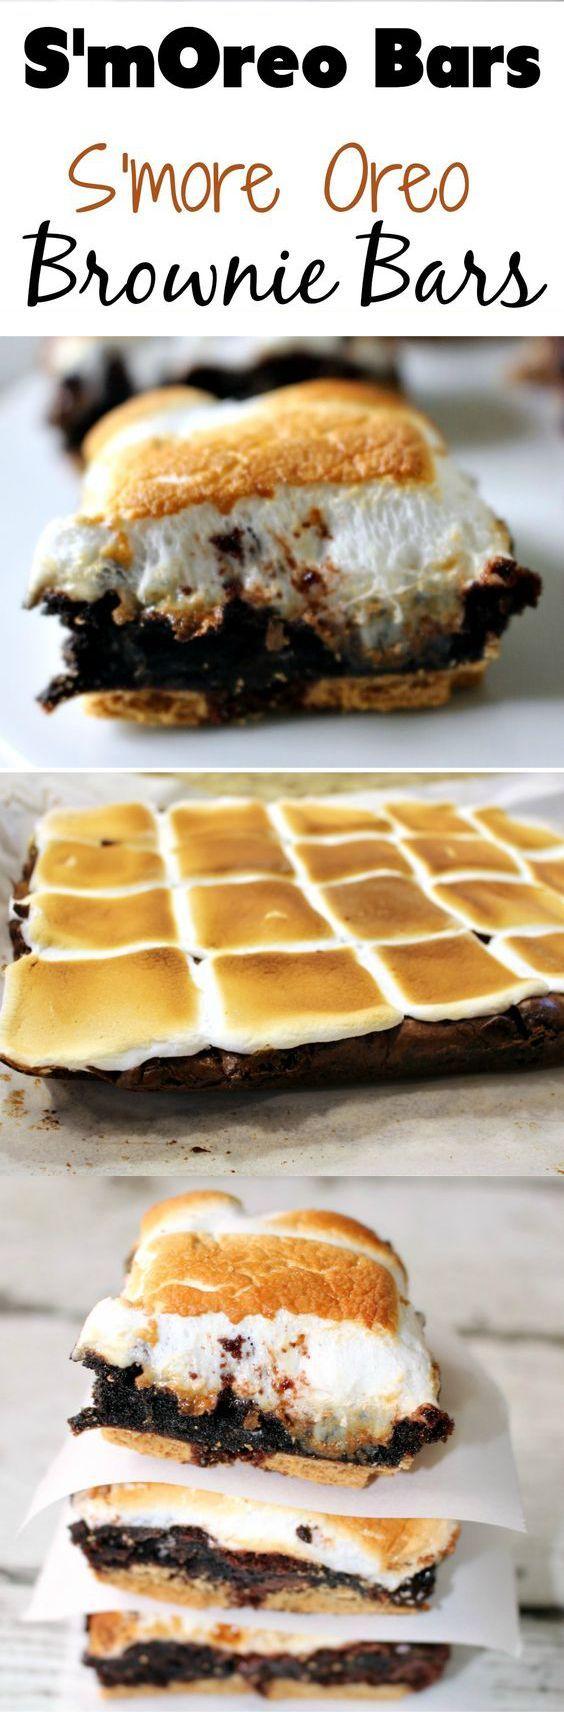 S'more Oreo Brownie Bar Dessert Recipes - dessert, food, recipes